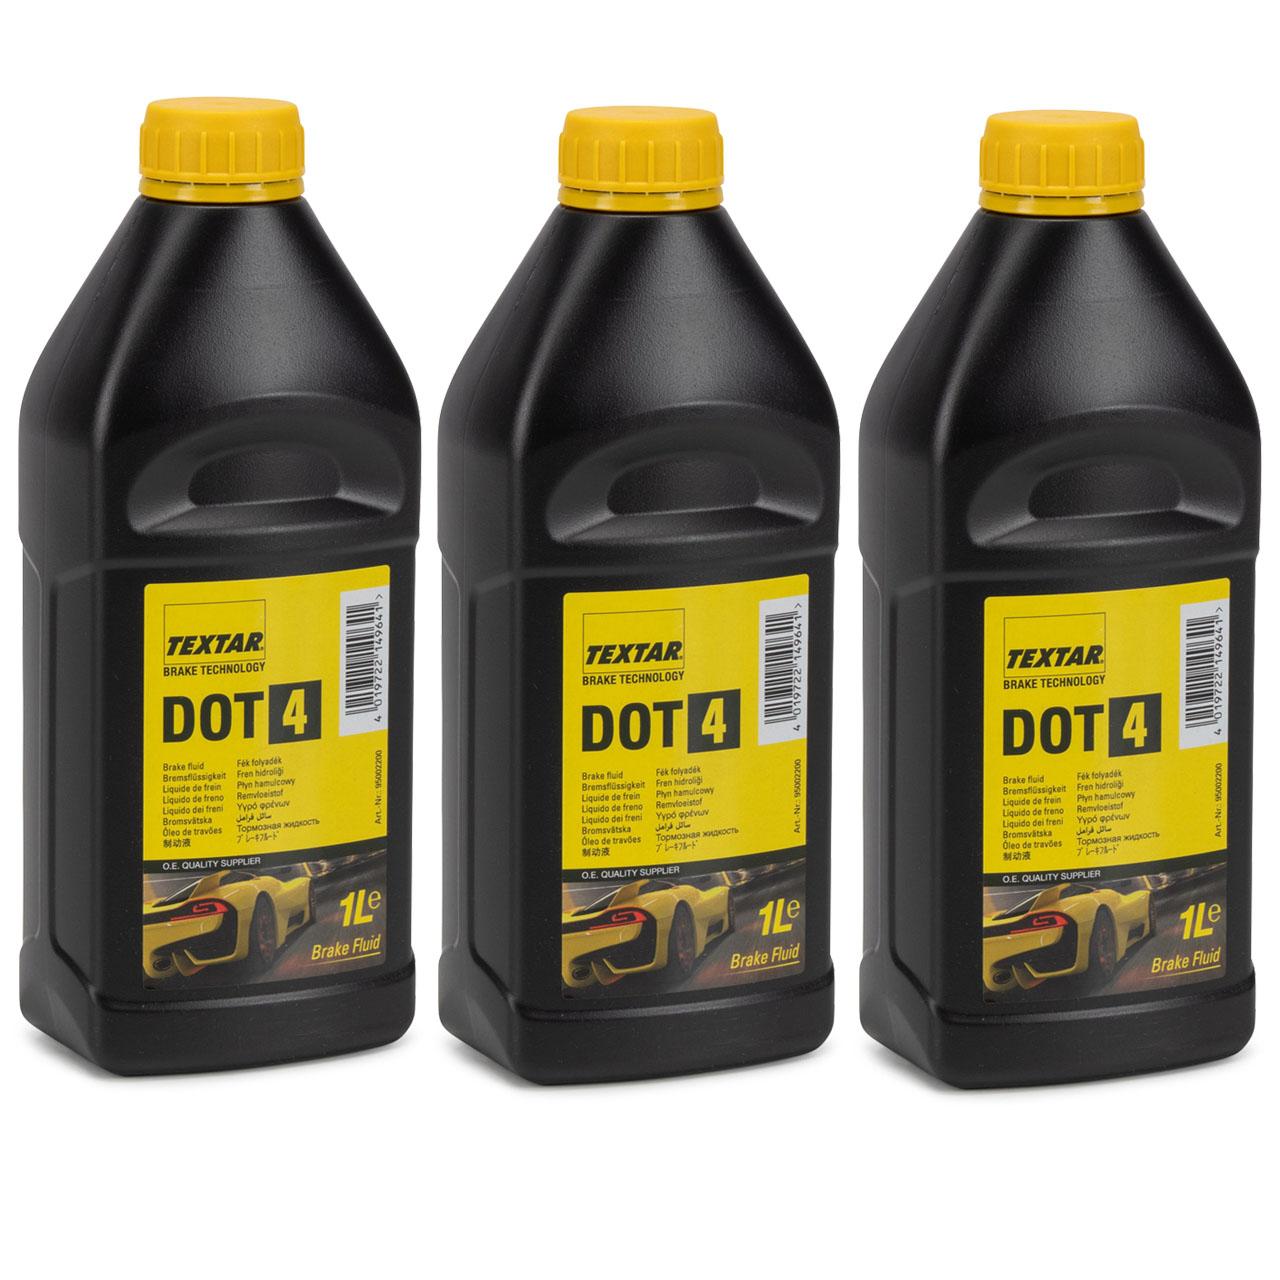 TEXTAR 95002200 Bremsflüssigkeit Brake Fluid DOT4 - 3 Liter 3L